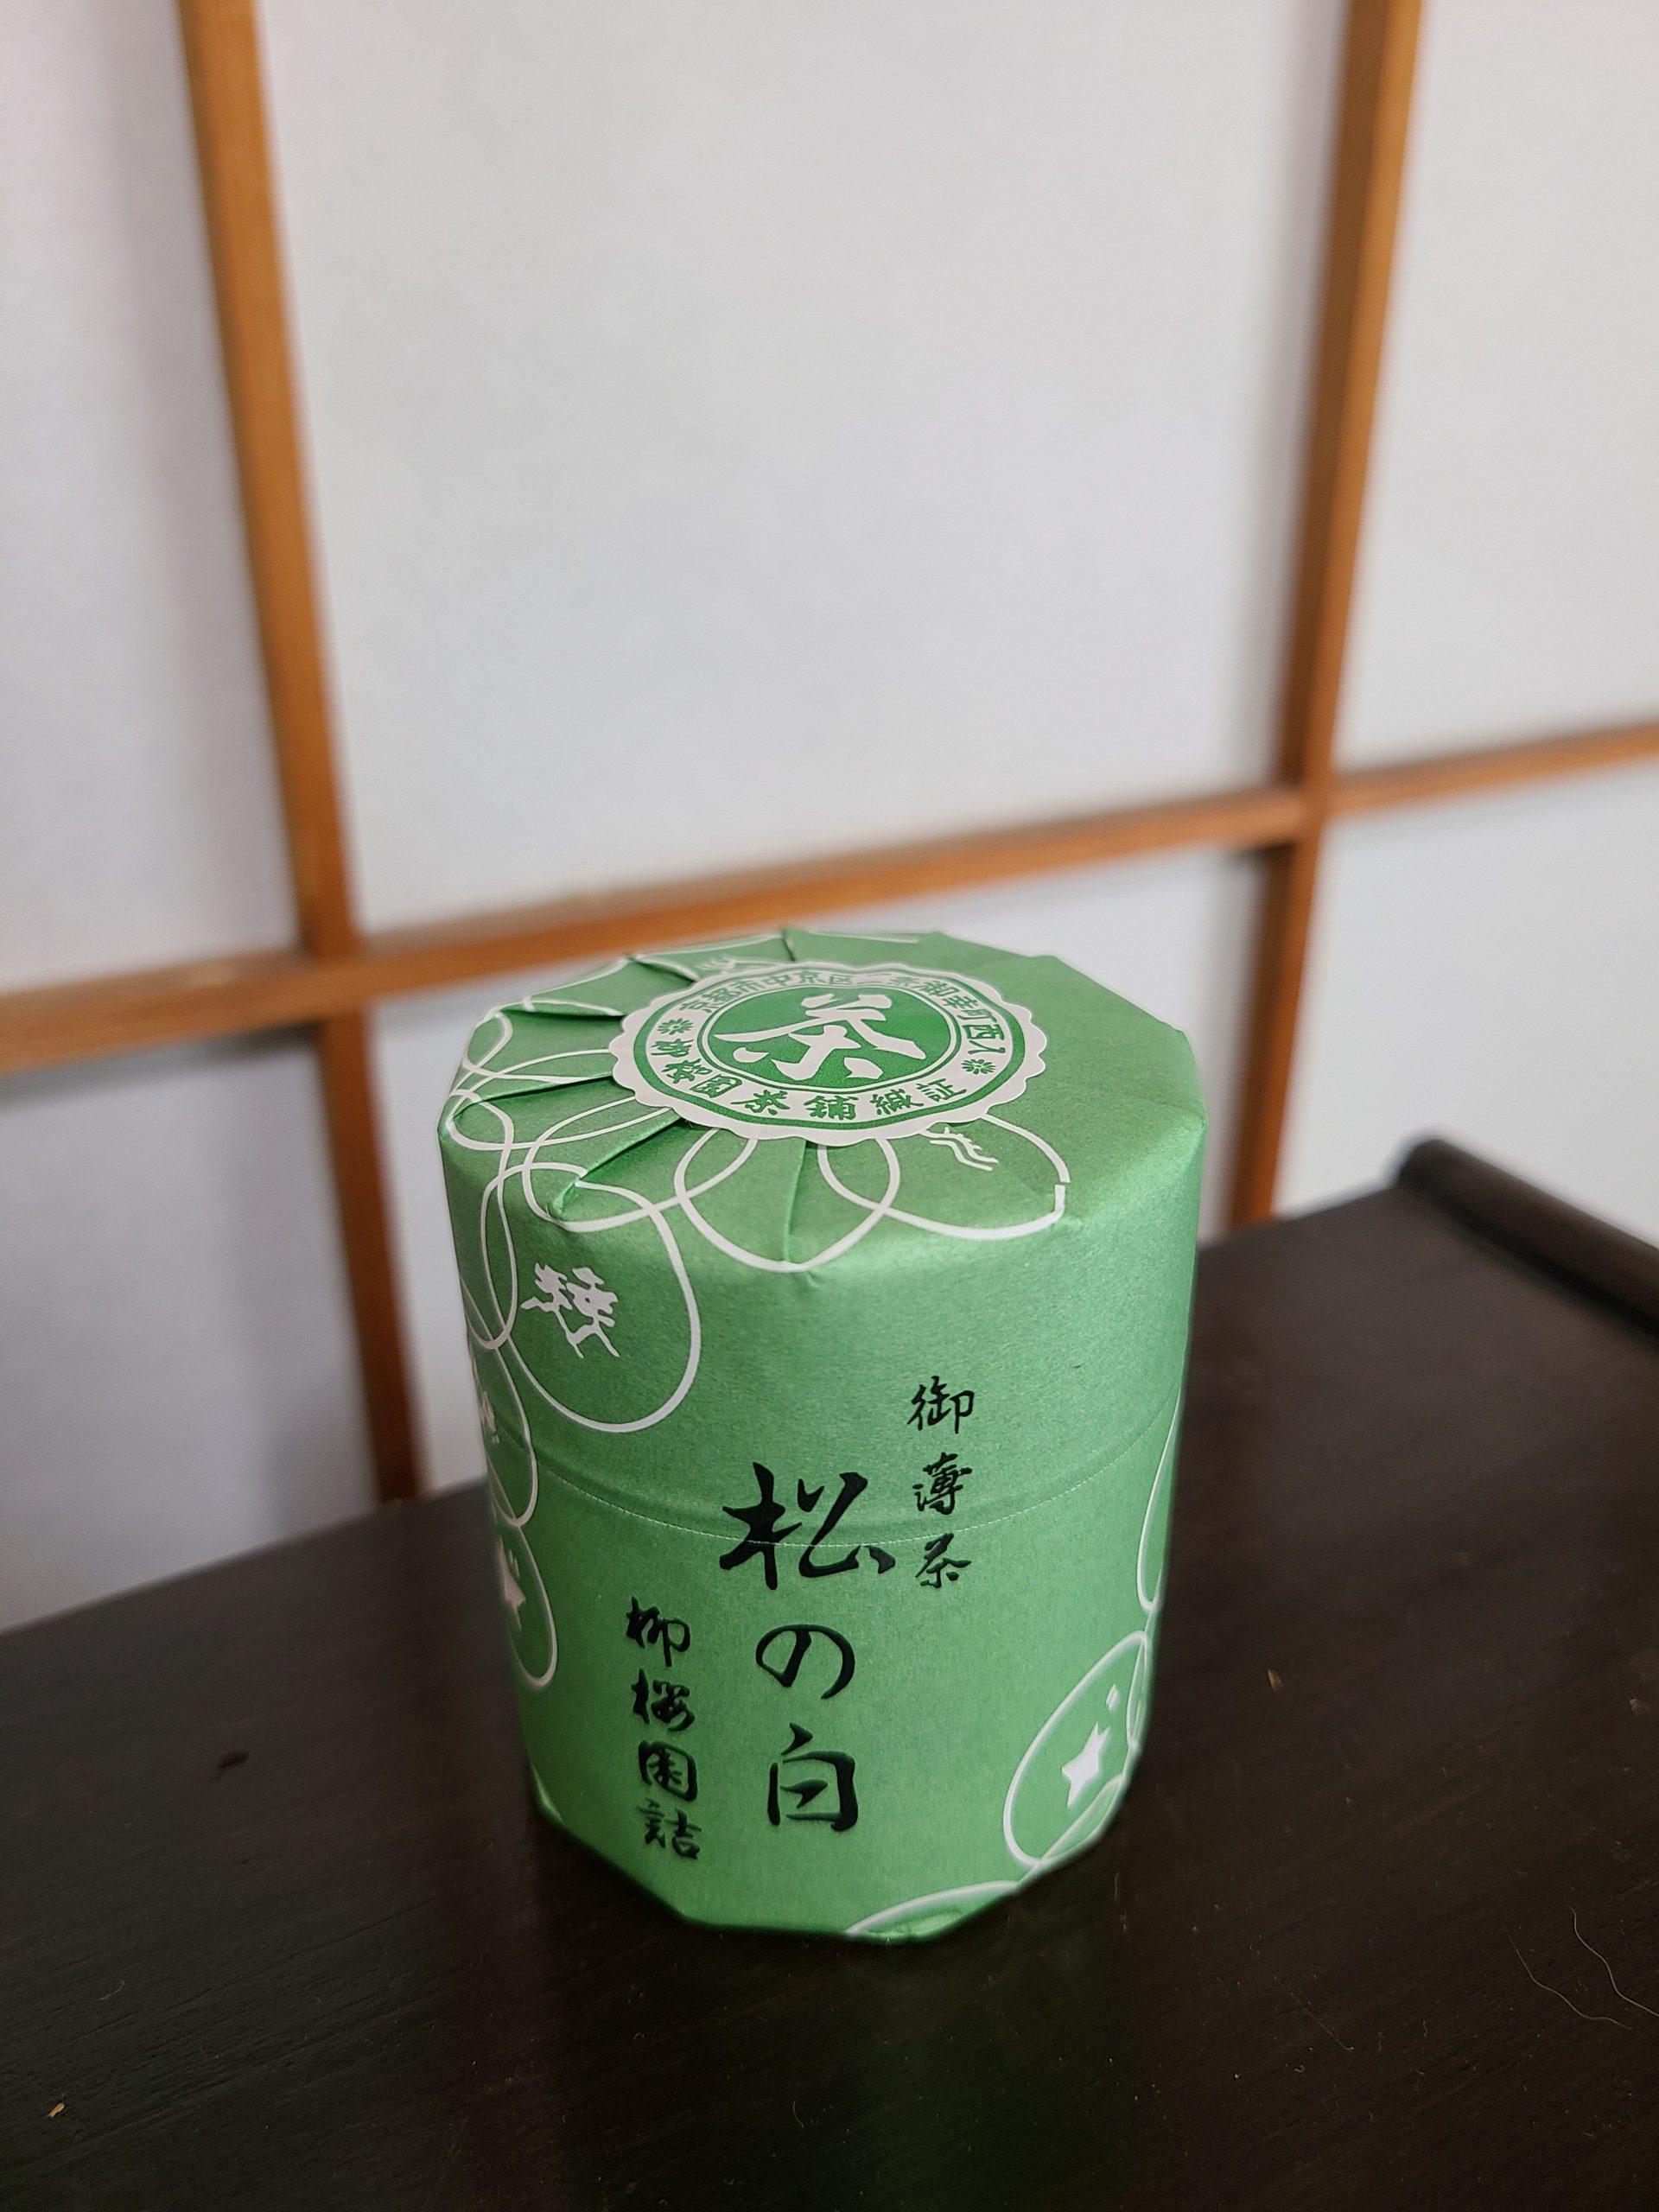 京都柳櫻園「松の白」のレポート。おもてなしに最適!お客様にも喜んでいただけそう♪